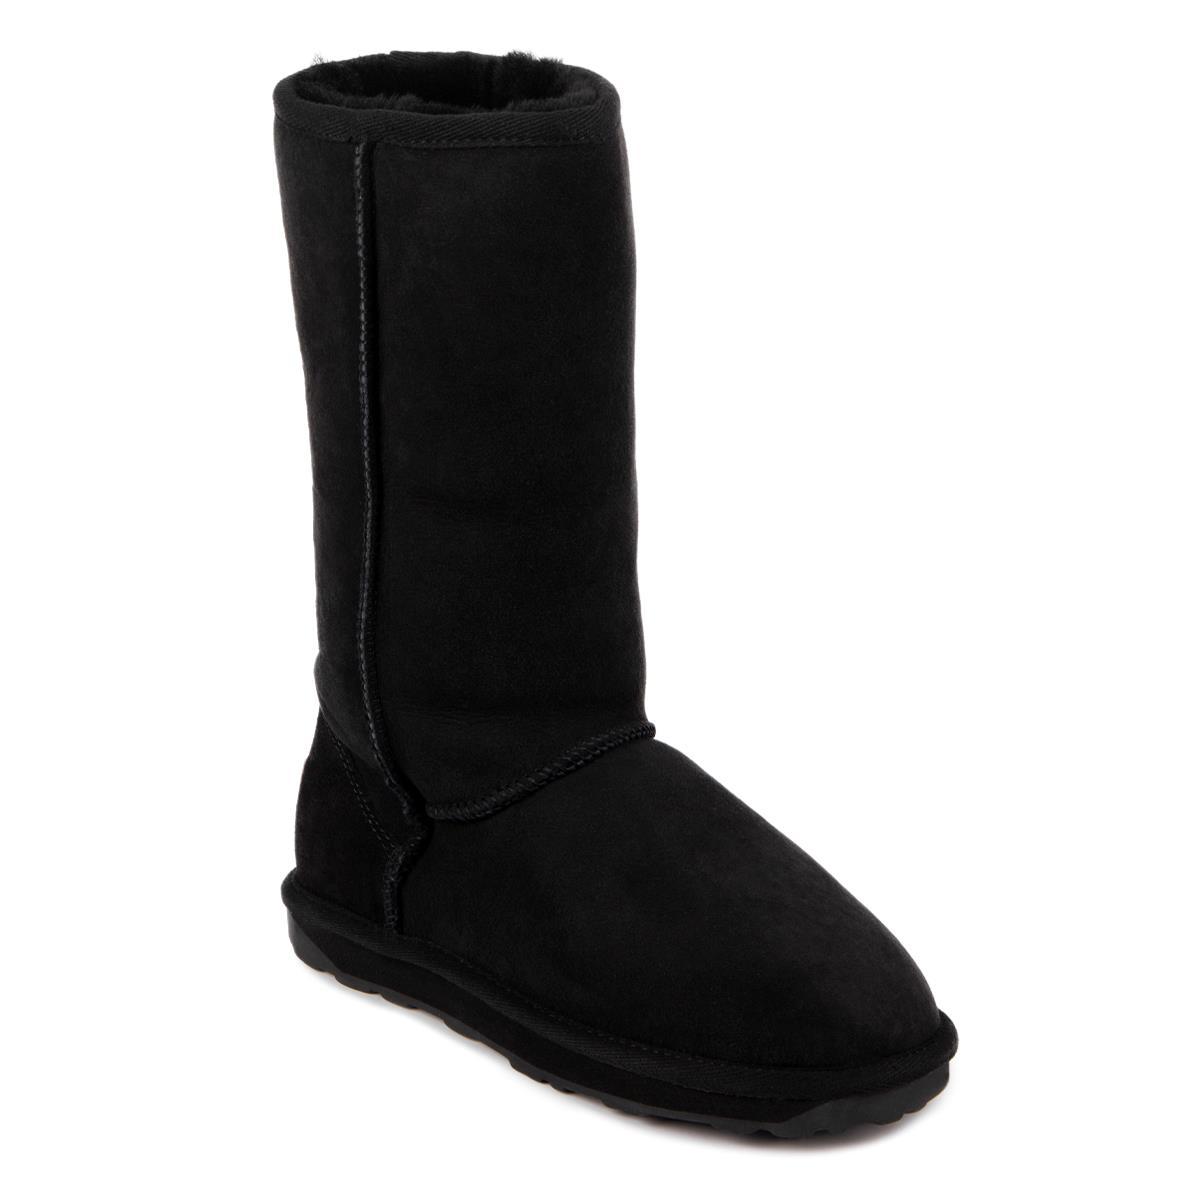 Ladies Tall Classic Sheepskin Boots Just Sheepskin